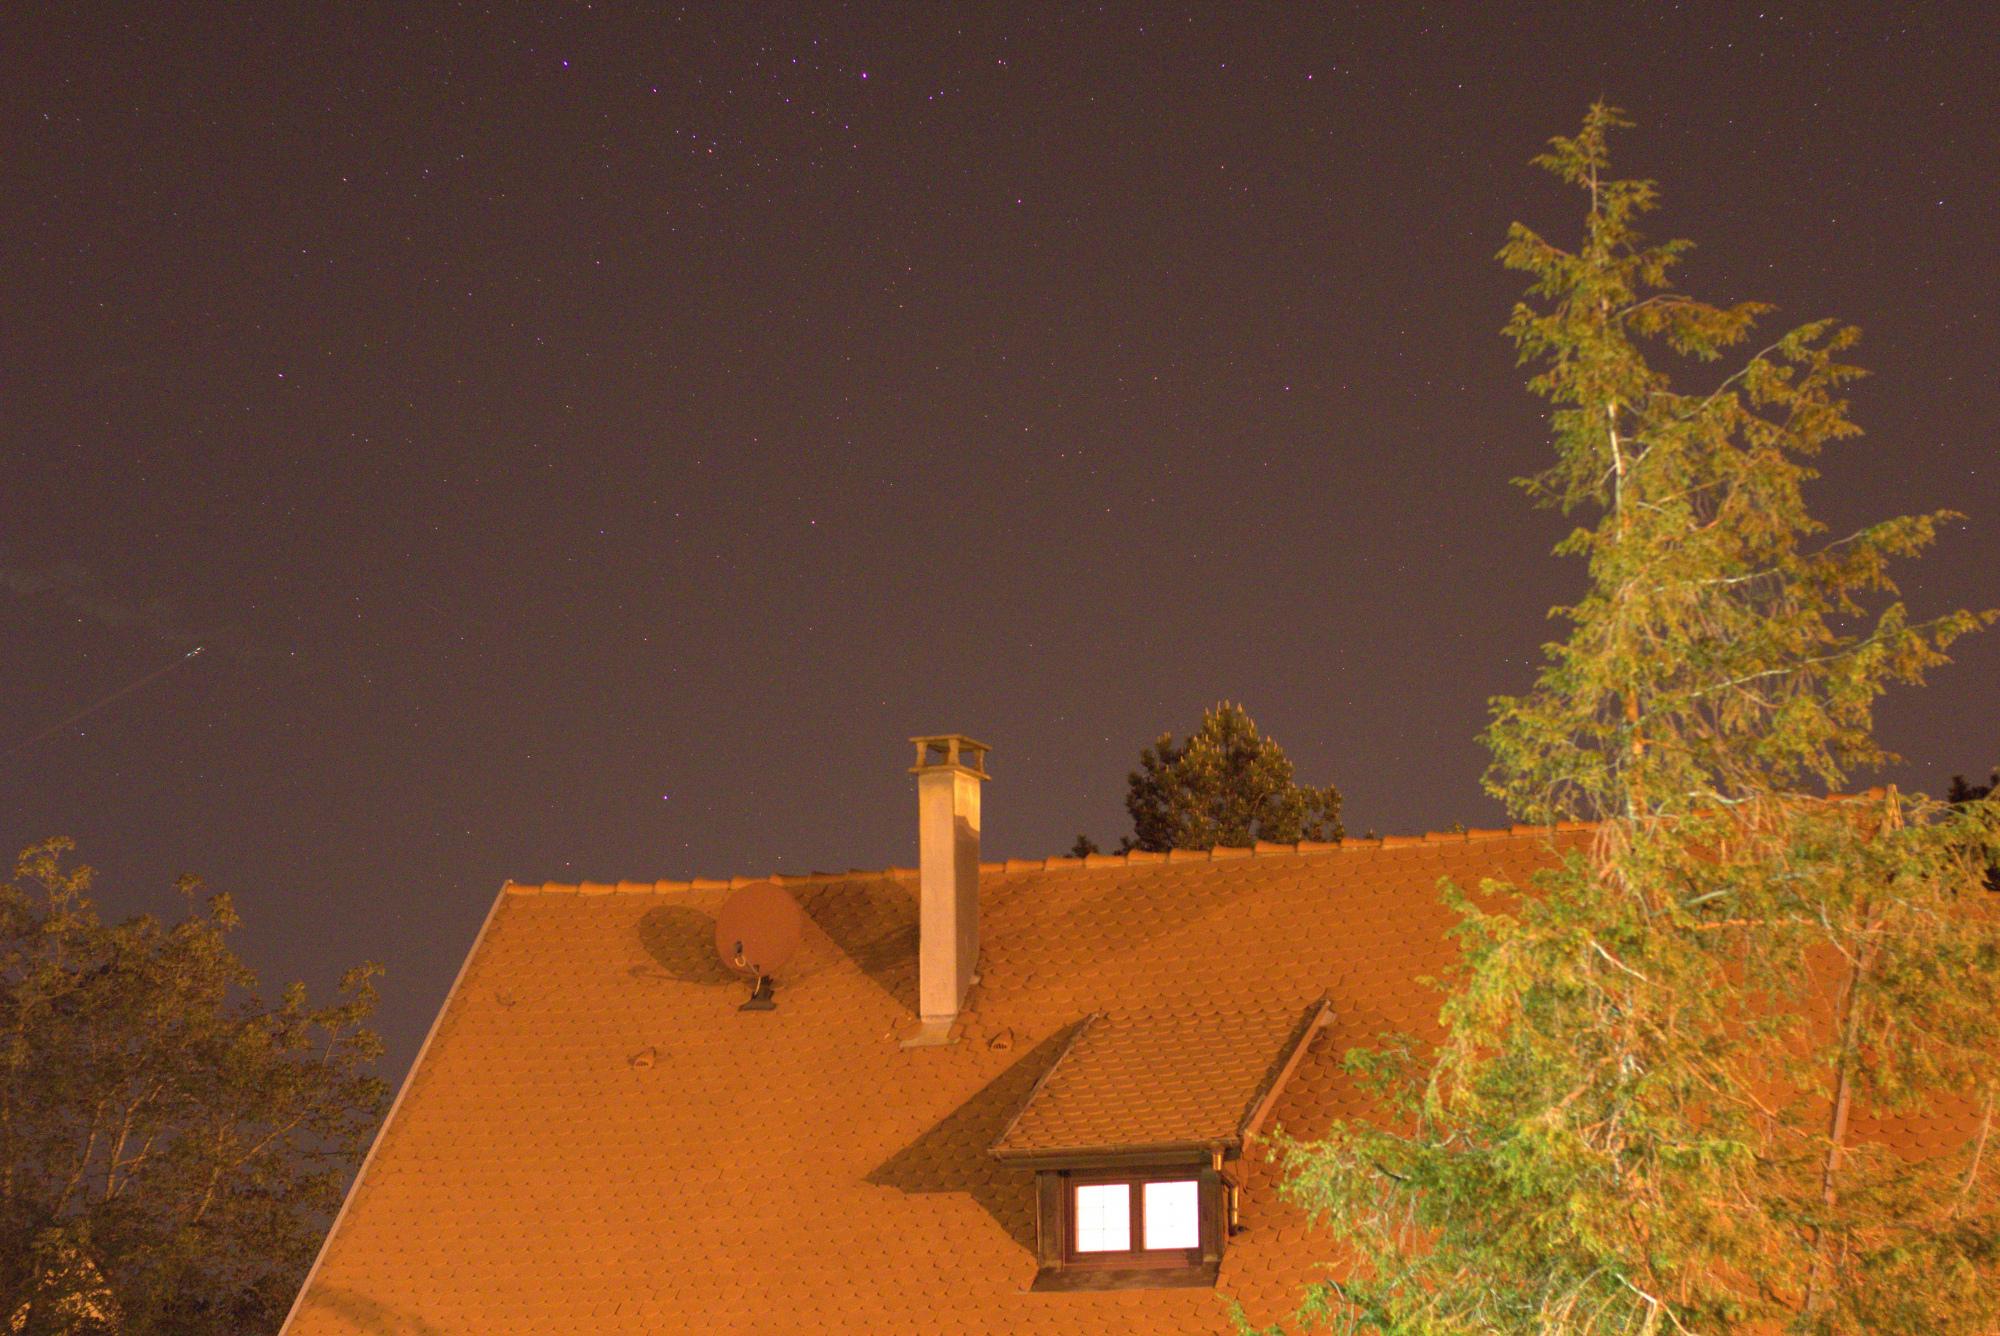 LIGHT_2s_3200iso_f2-8_20200423-23h11m06s397ms.jpg